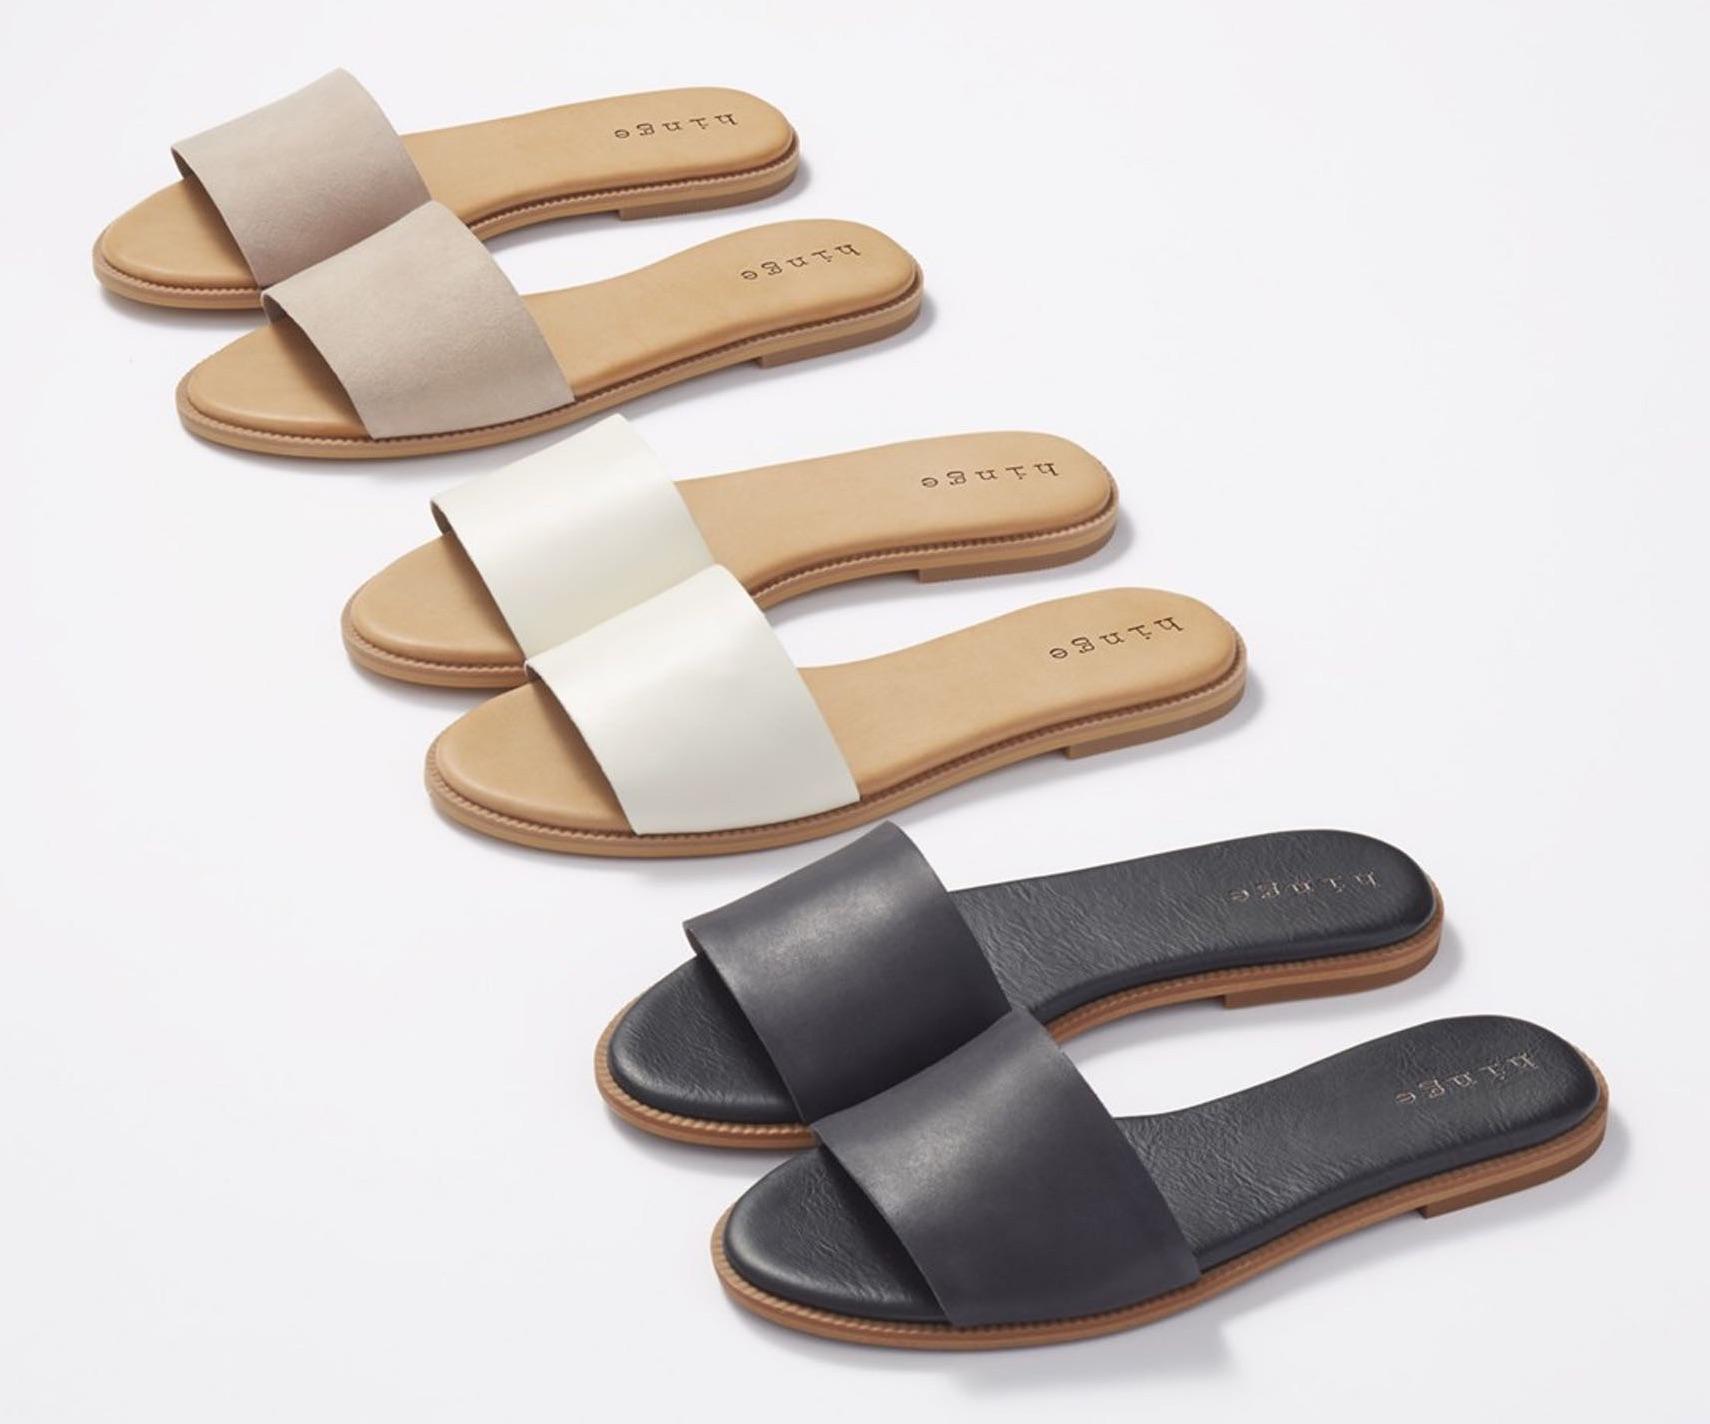 hinge leather slide sandals